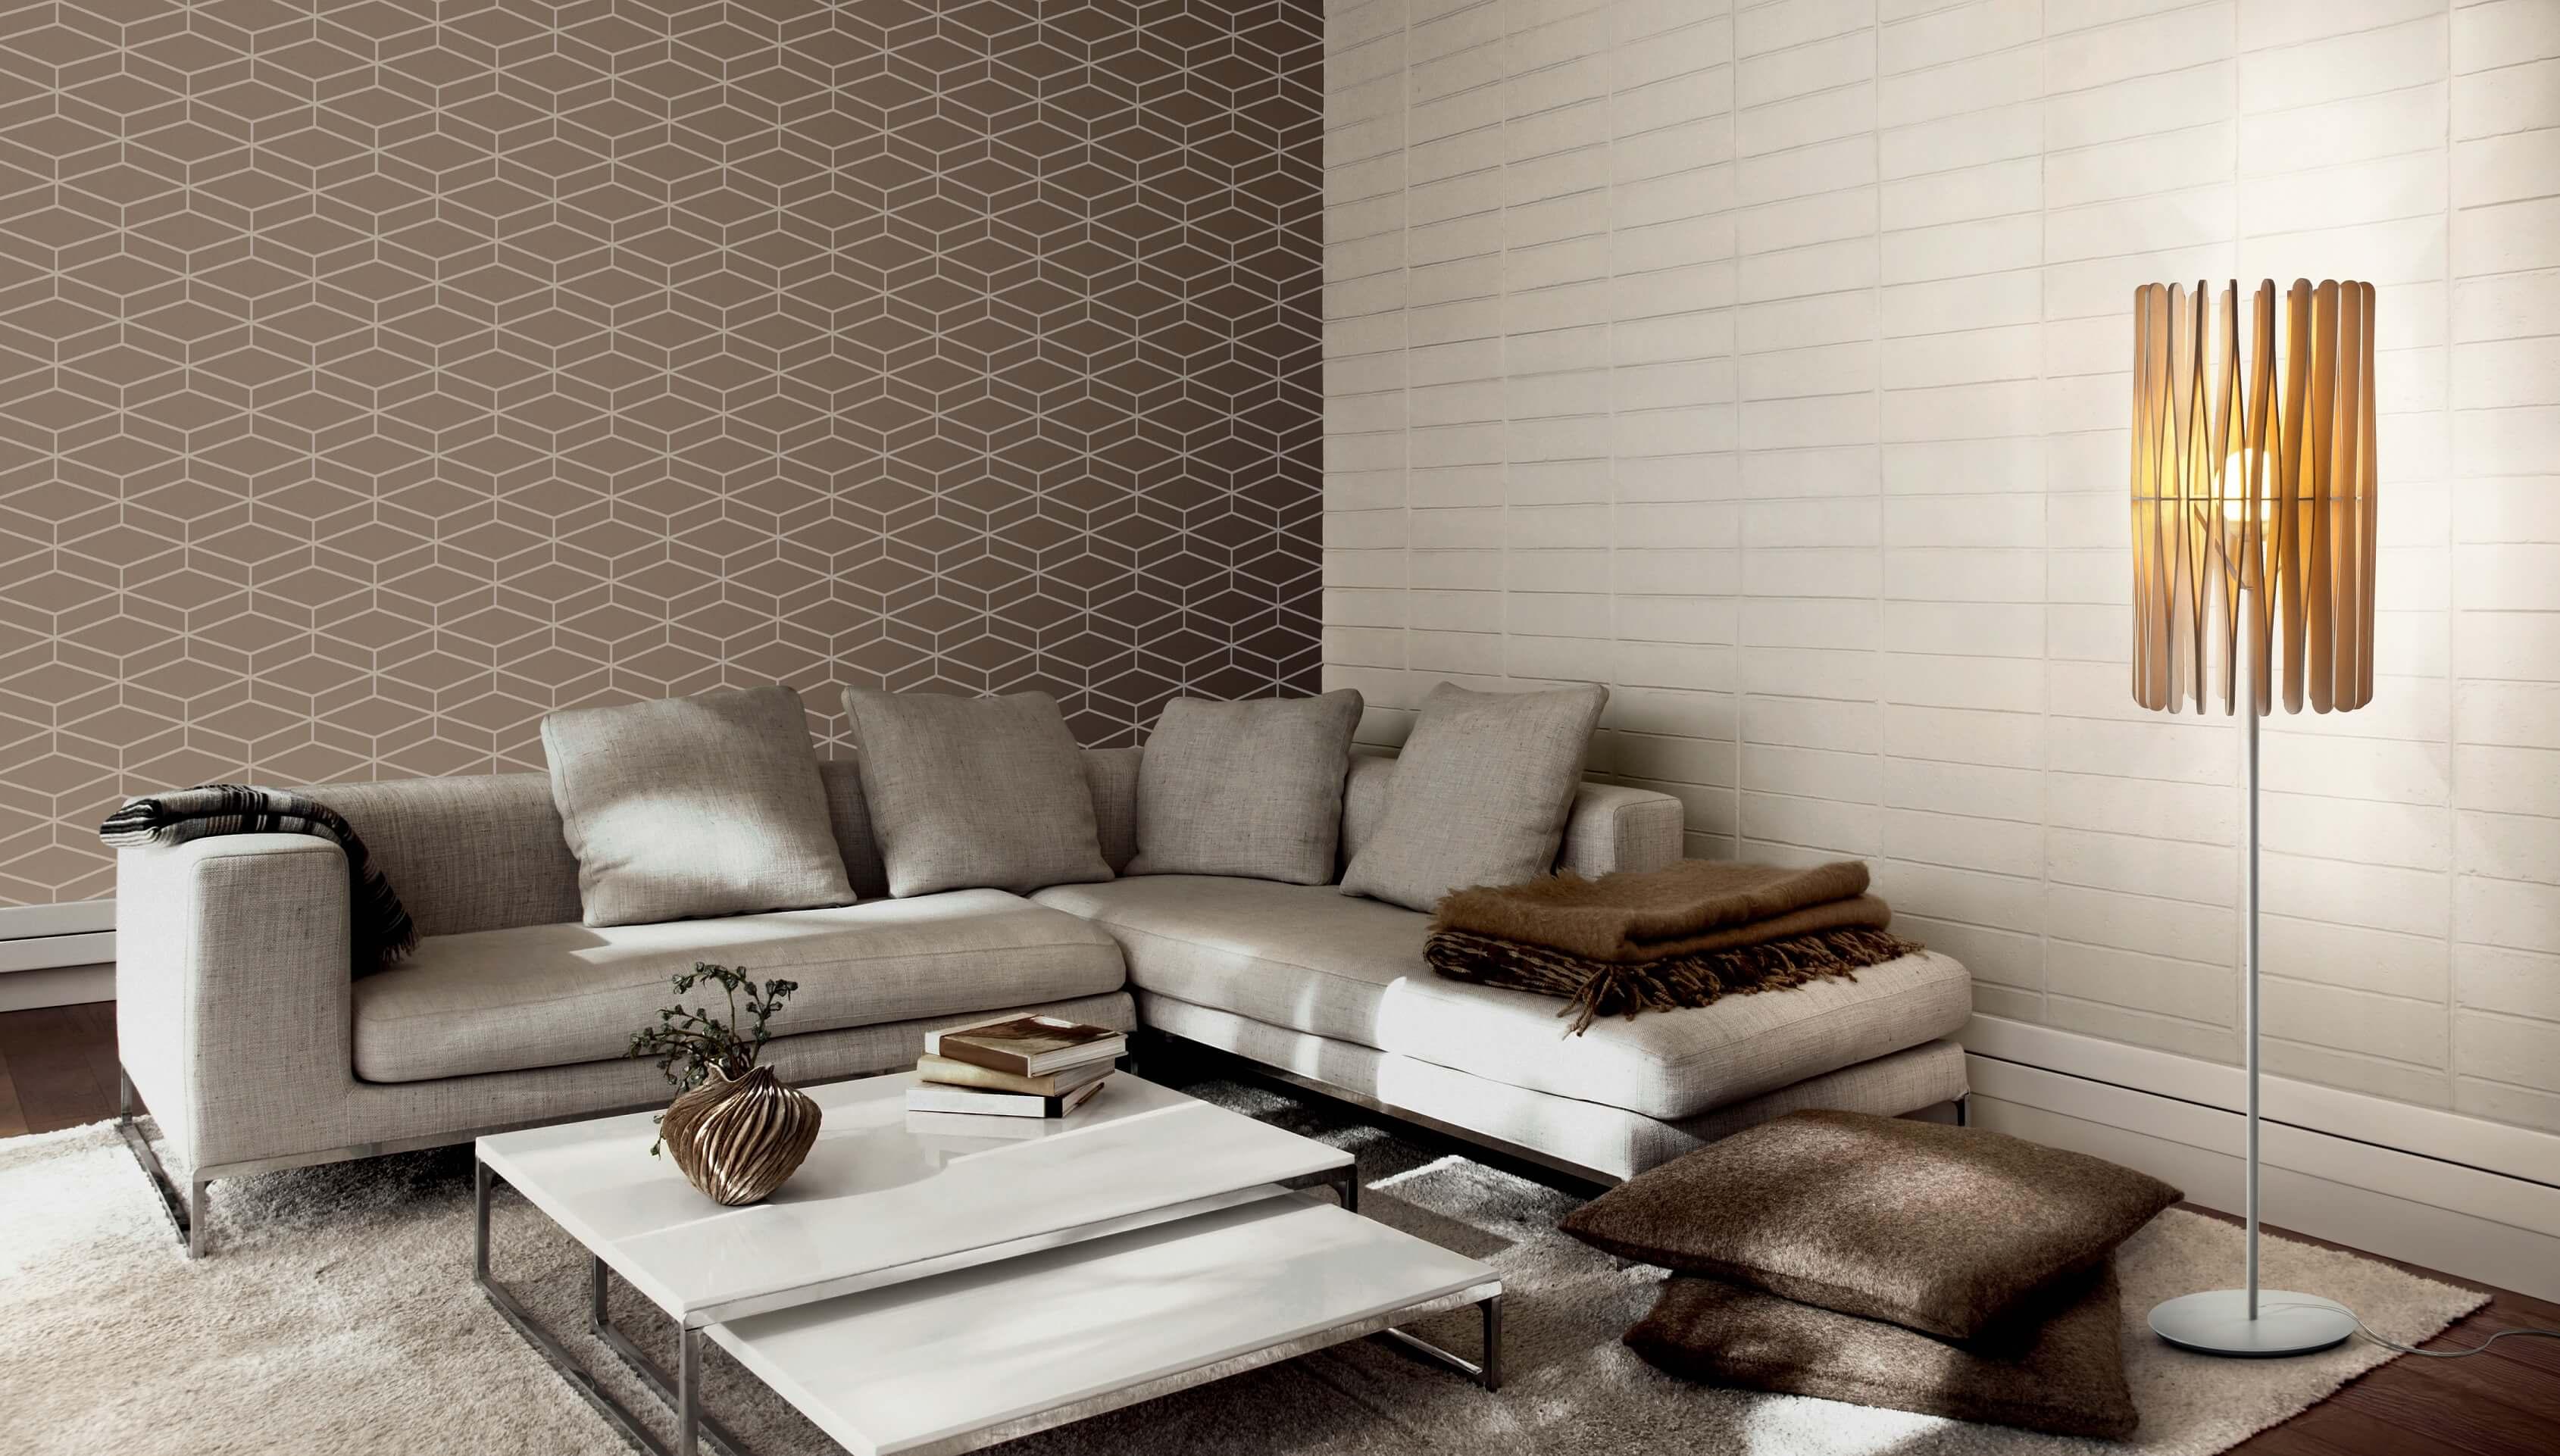 Alles over meubelen voor je woonkamer - Tips & Advies | Wiki Wonen